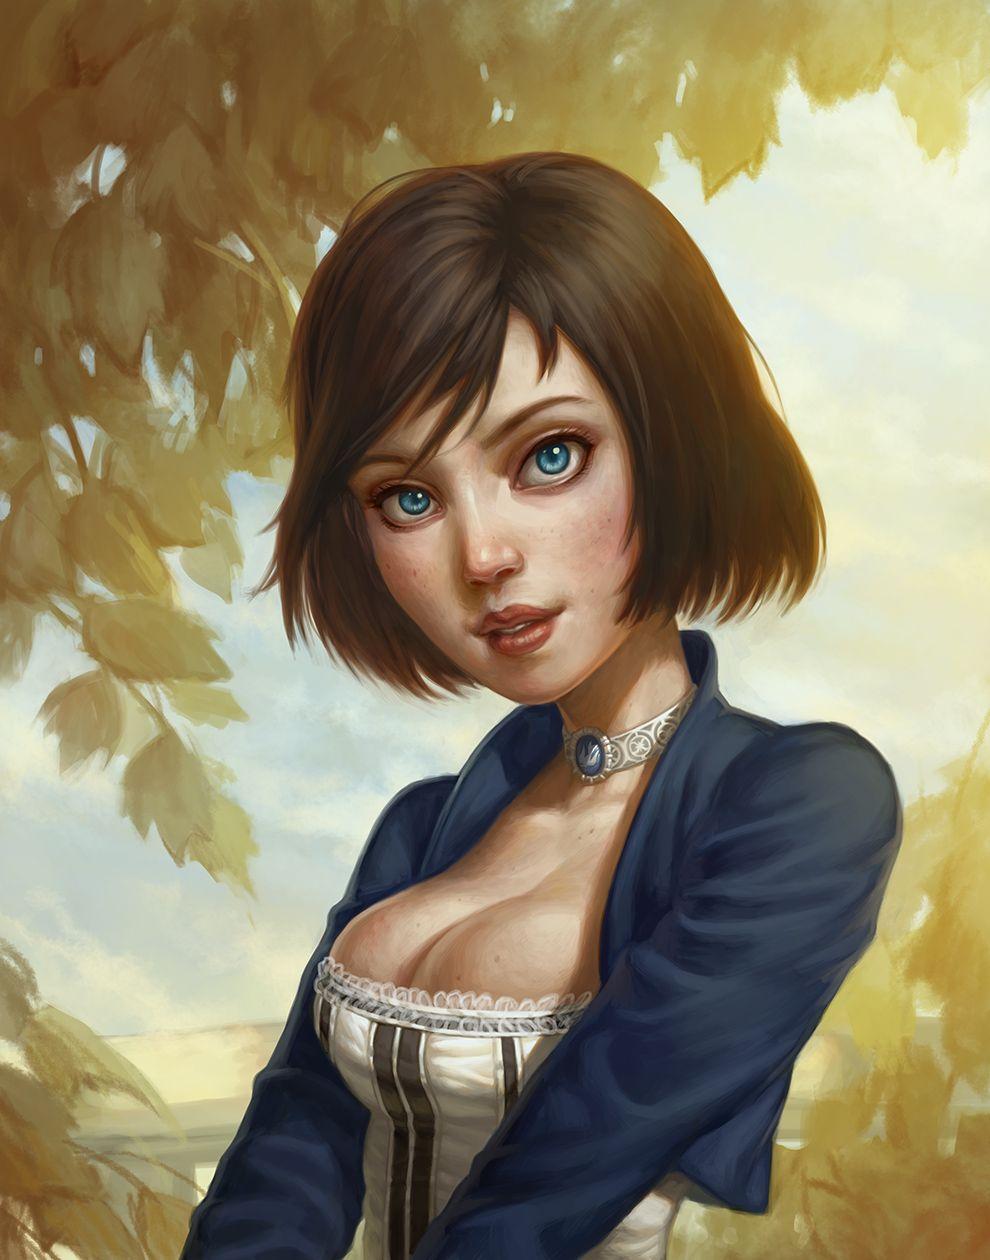 Bioshock Elizabeth By Speeh On Deviantart Girl Busty Art